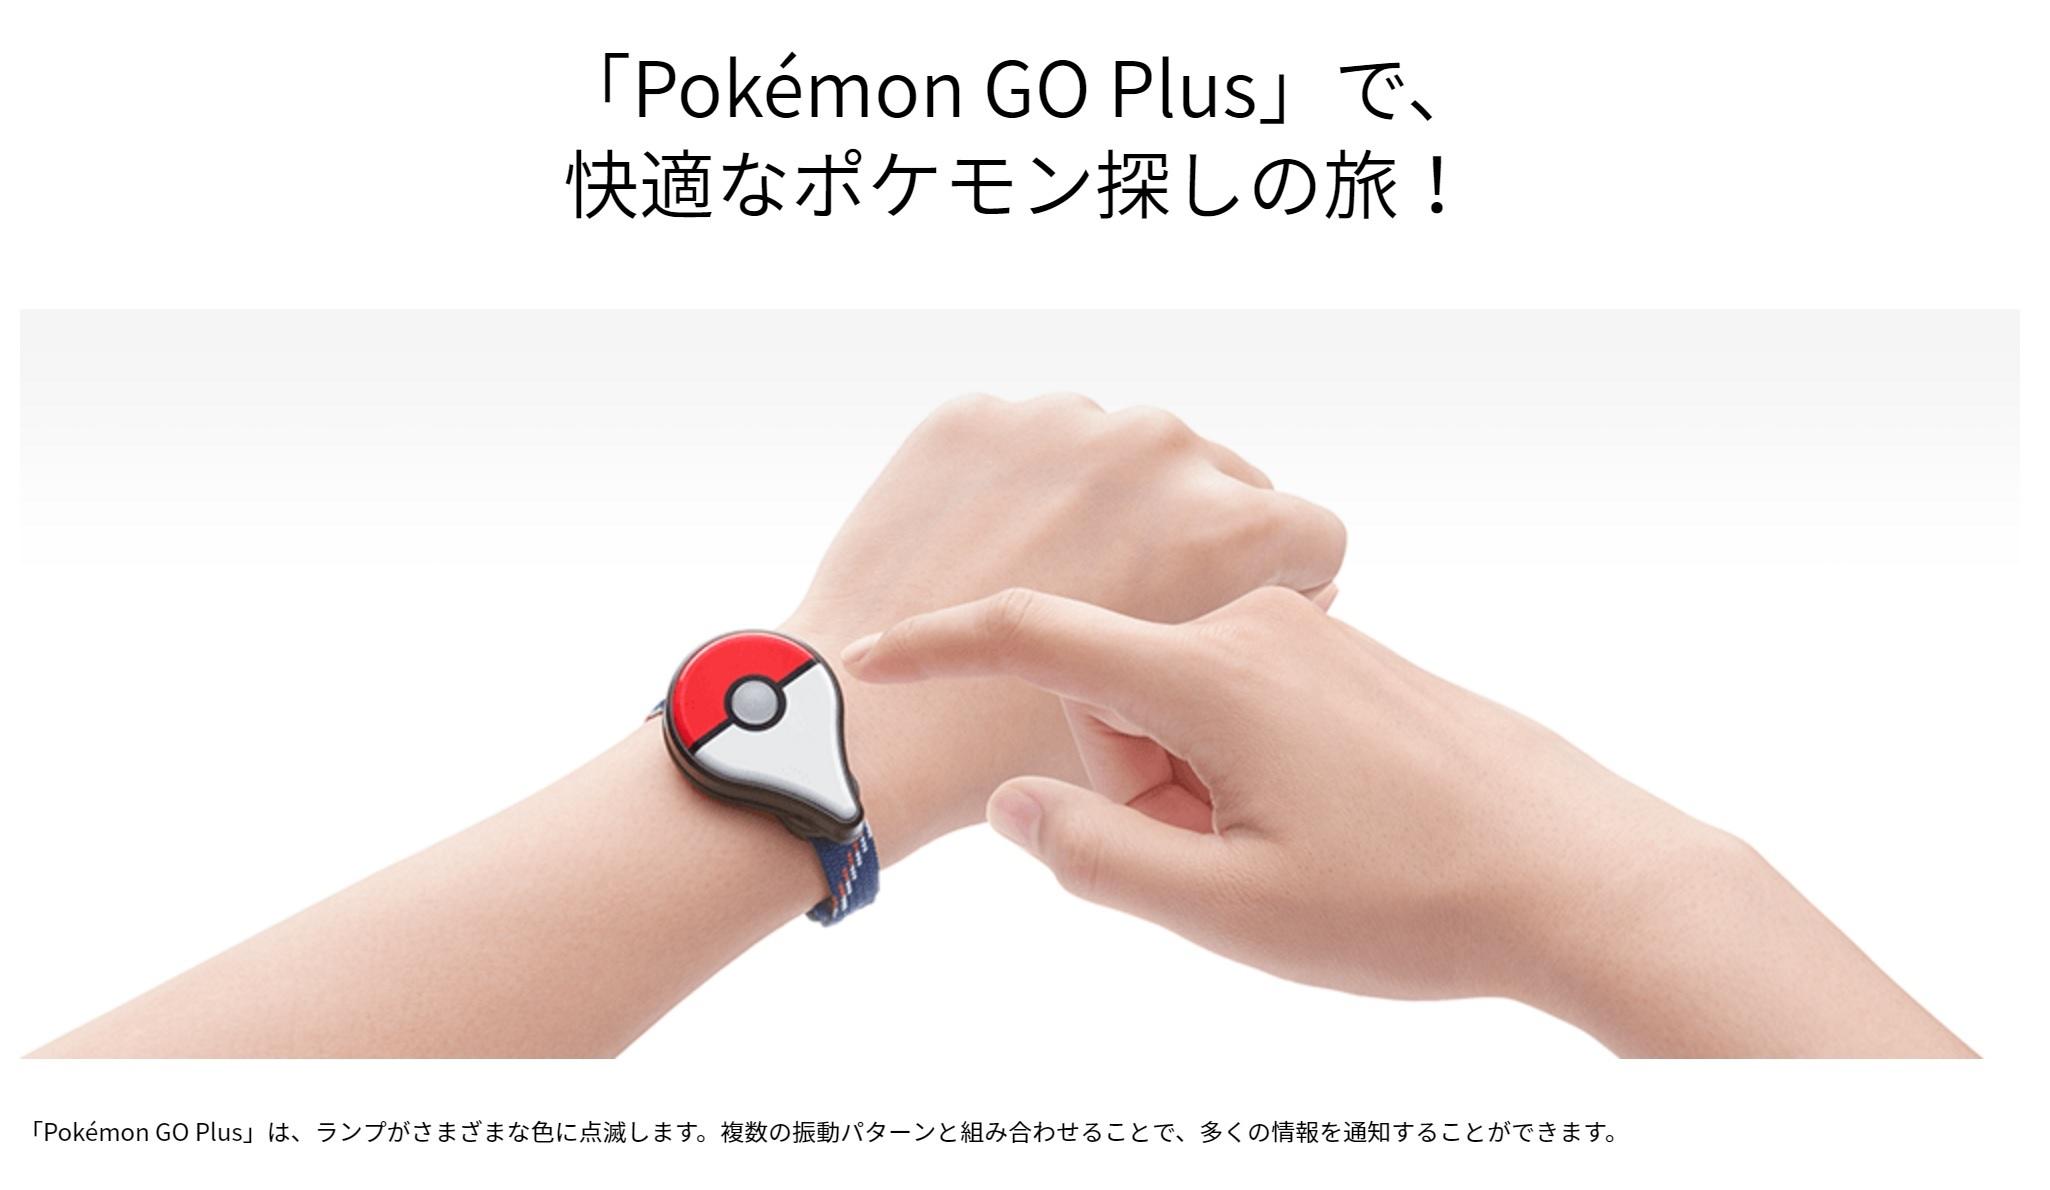 『Pokémon GO Plus』※『Pokémon GO』公式サイトより